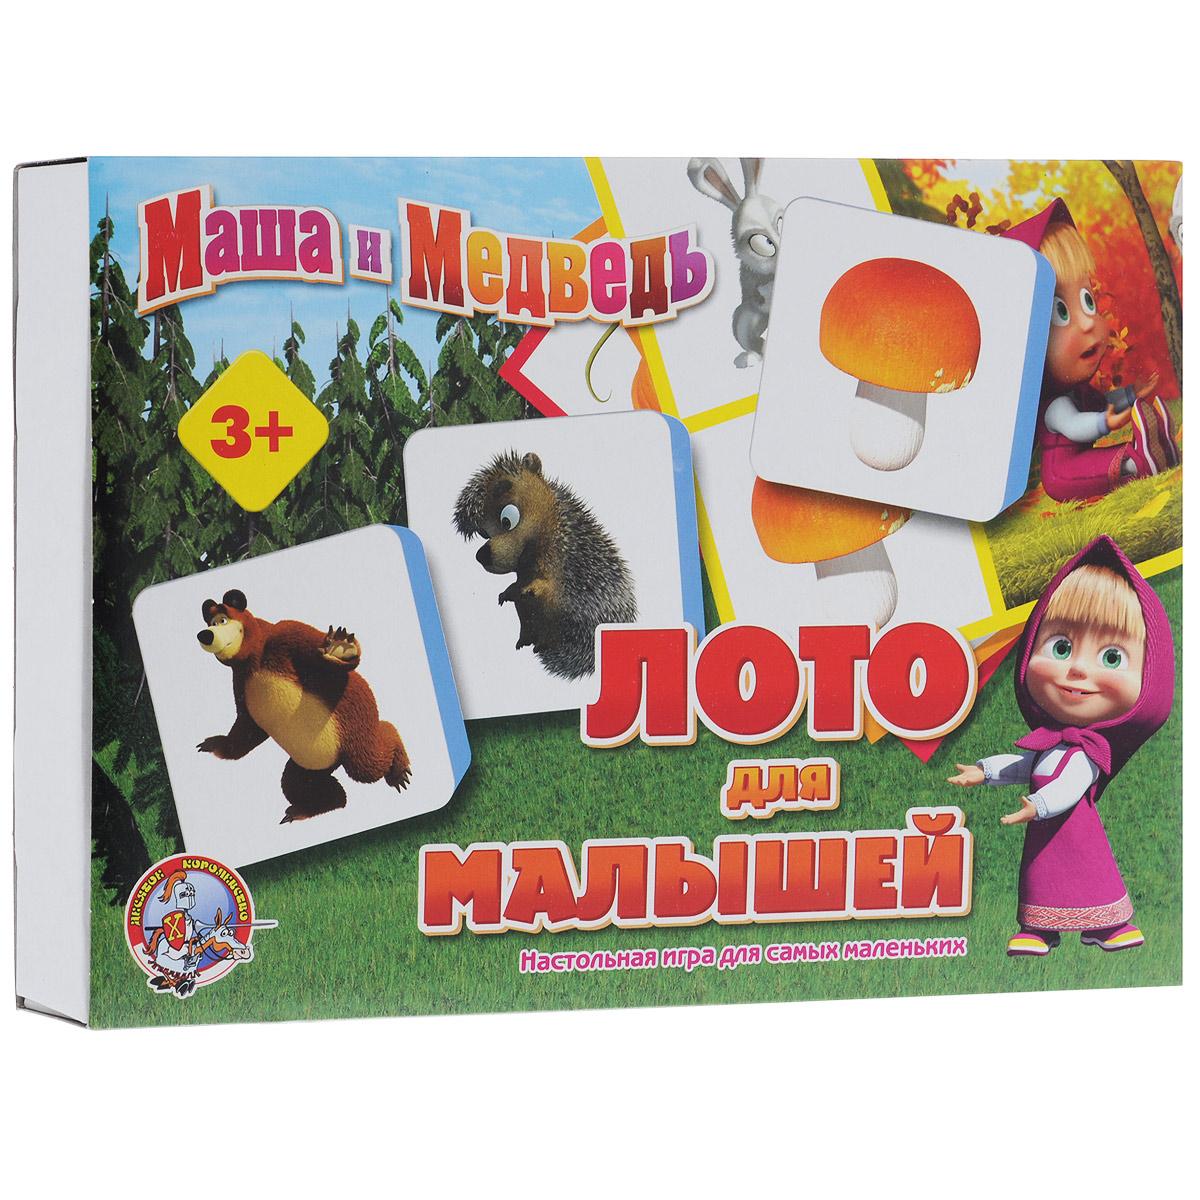 Лото для малышей Десятое королевство Маша и Медведь01417Мягкое лото для малышей Десятое королевство Маша и Медведь позволит вам и вашему малышу весело и с пользой провести время, ведь совместная игра - лучший способ узнать ребенка и научить его чему-нибудь новому. Комплект игры включает в себя 24 мягкие фишки из вспененного полимера с красочными изображениями персонажей мультсериала Маша и Медведь и другими предметами, 6 больших карточек лото с соответствующими изображениями и подробные правила с различными вариантами игры на русском языке. В лото можно играть по-разному, и для каждого возраста подойдет своя игра. Малыши учатся определять и выбирать нужные изображения, закрывая ими карточки. Дети постарше стараются запомнить, а потом назвать предметы на фишках, которые переворачиваются изображением вниз. Можно играть в игры, указанные в правилах, а можно придумать свои собственные. Подбирая картинки, дети не только запоминают их названия, но и тренируют мелкую моторику рук, пространственное мышление и координацию. ...